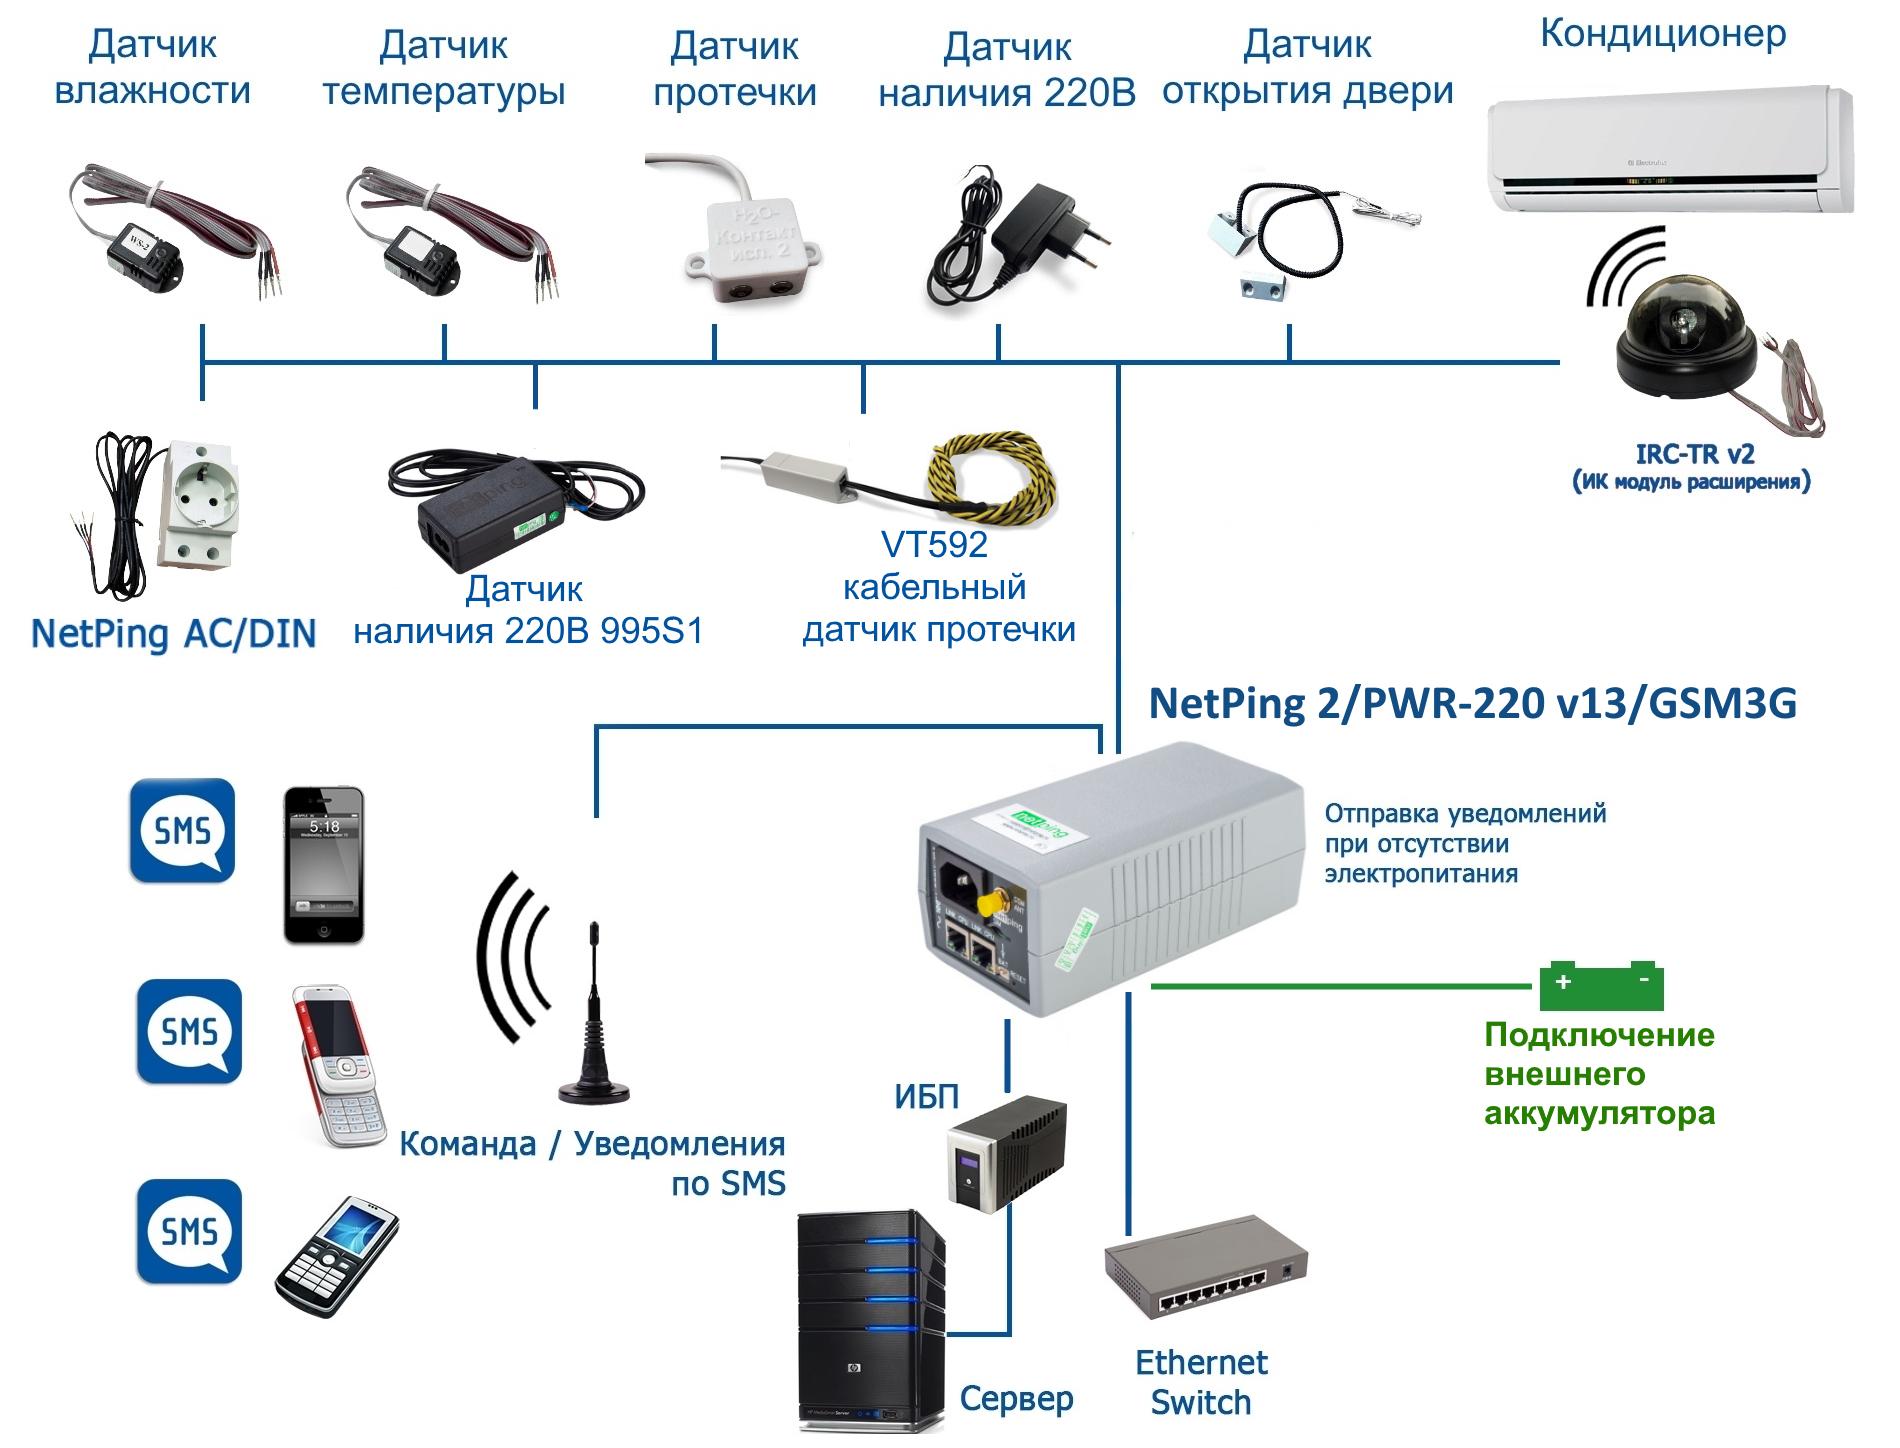 NetPing 2/PWR-220 v13/GSM3G - подключение нагрузки, датчиков и исполнительных механизмов